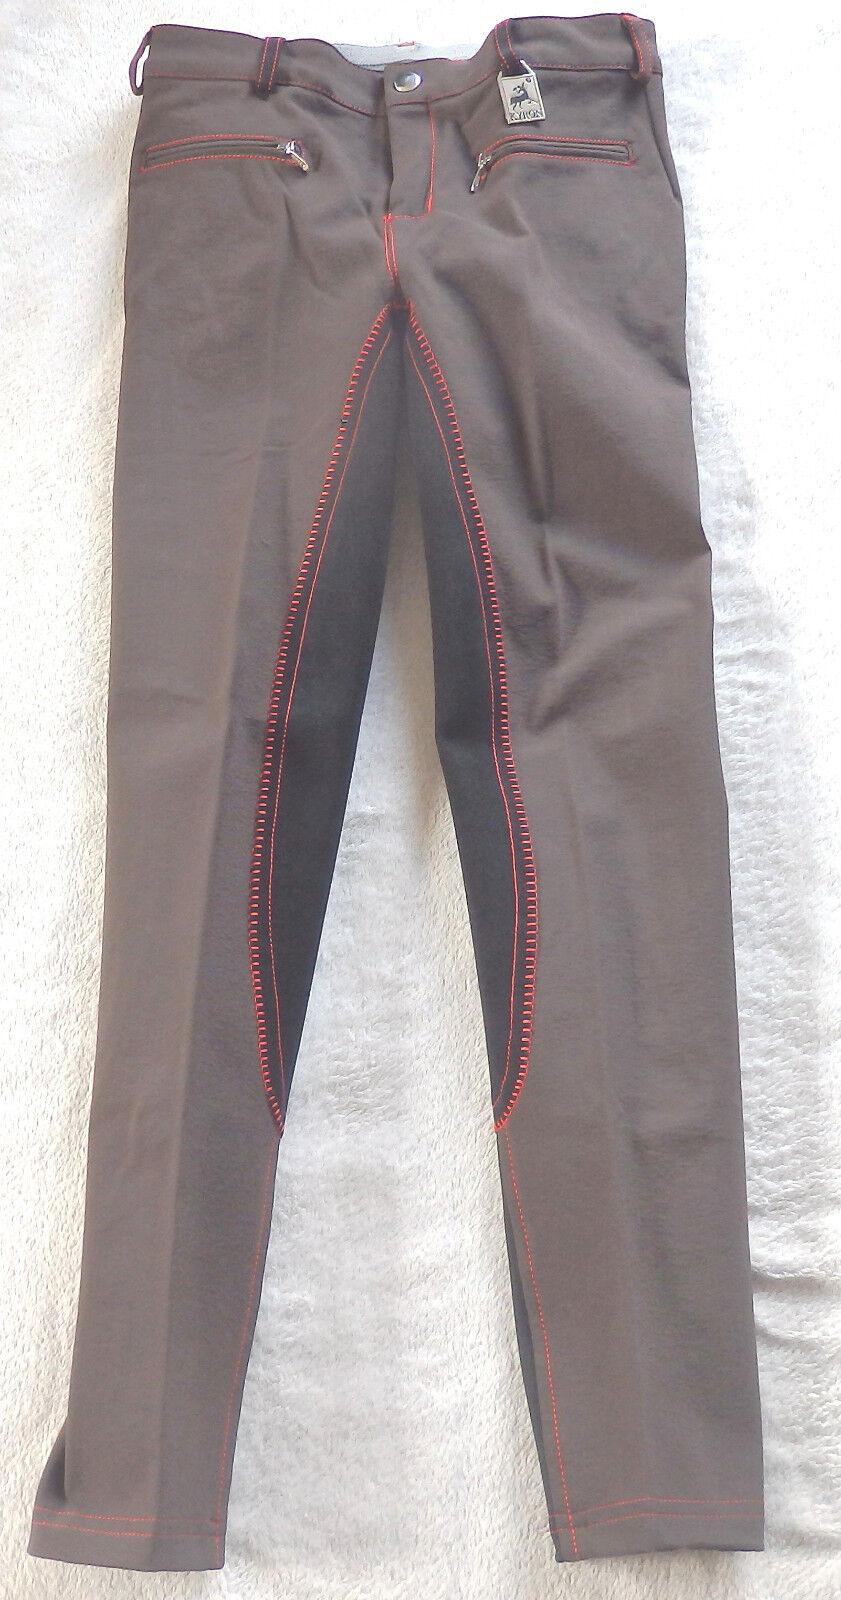 KYRON Bambini Pantaloni Montala, 3/4 guarnizione in pieno, Marrone, Taglia 158, Luxury, slim-line (86)